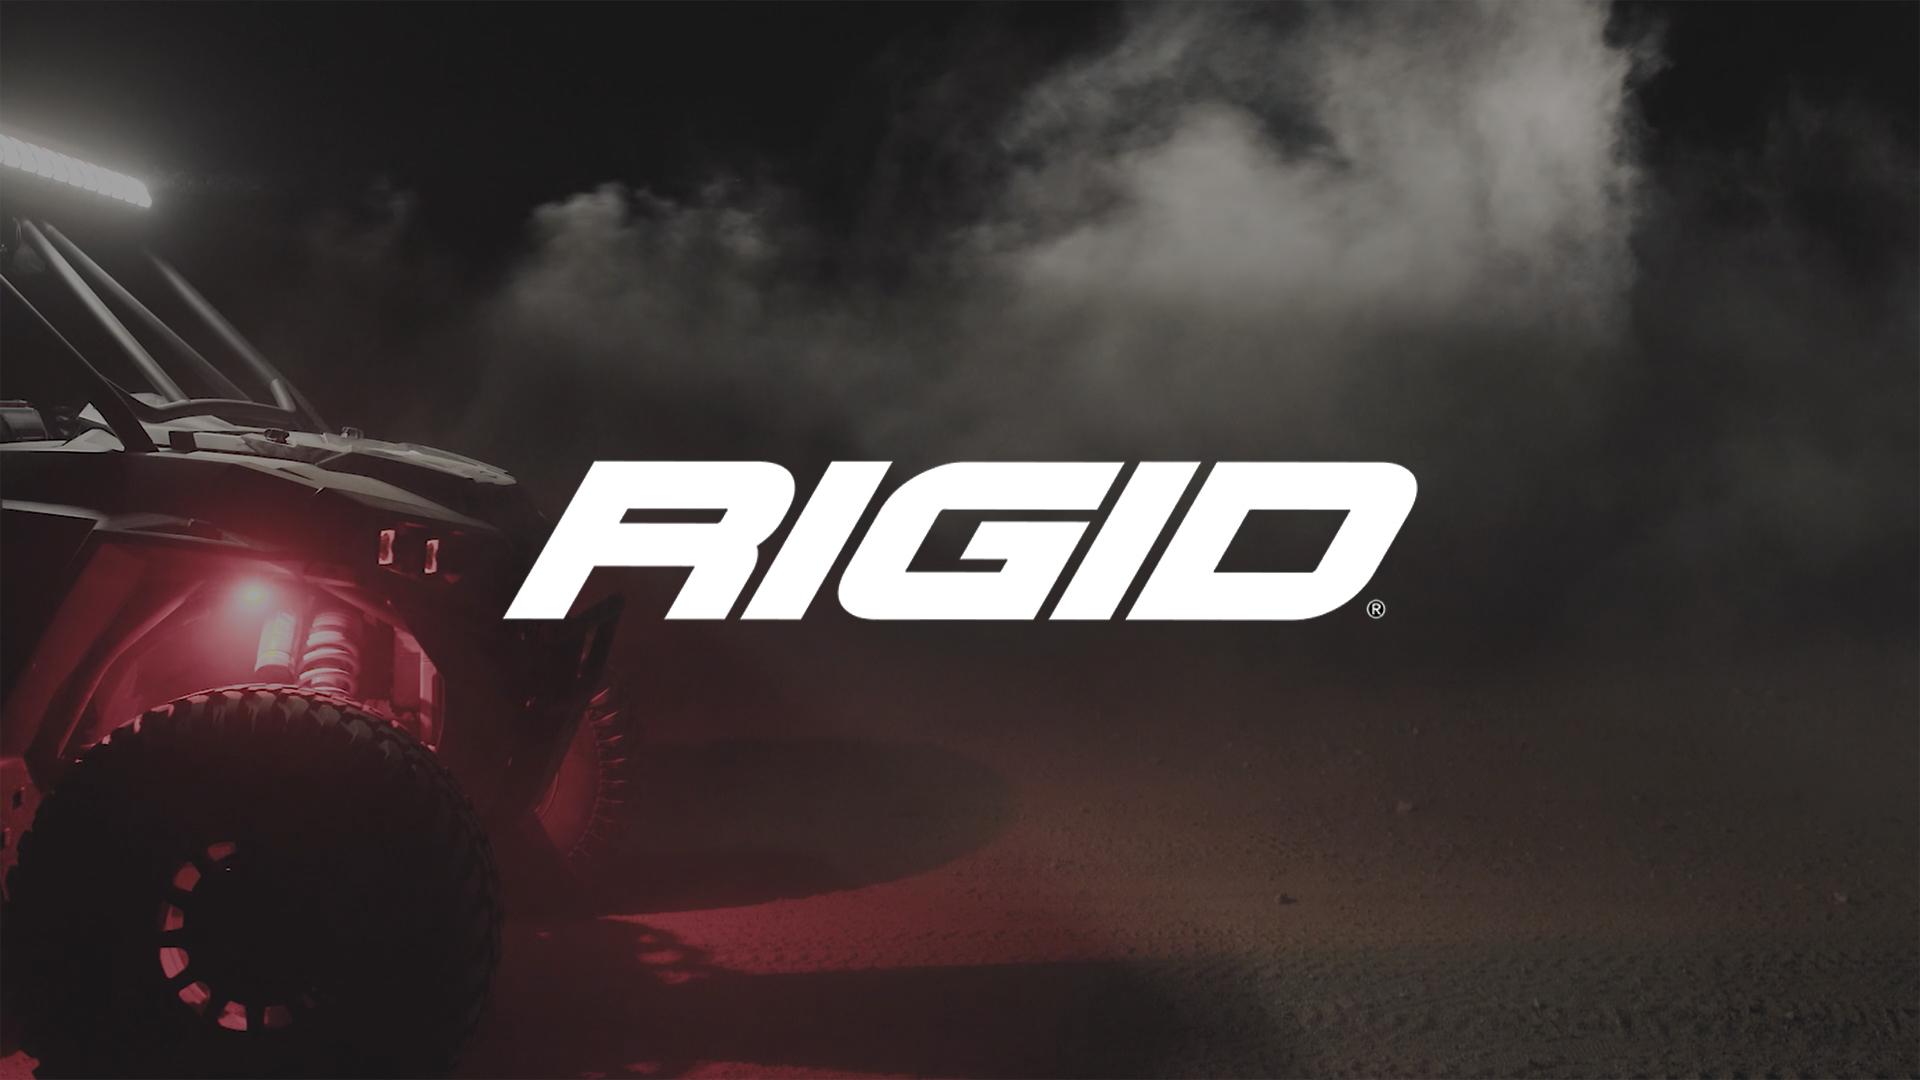 RIGID.jpg